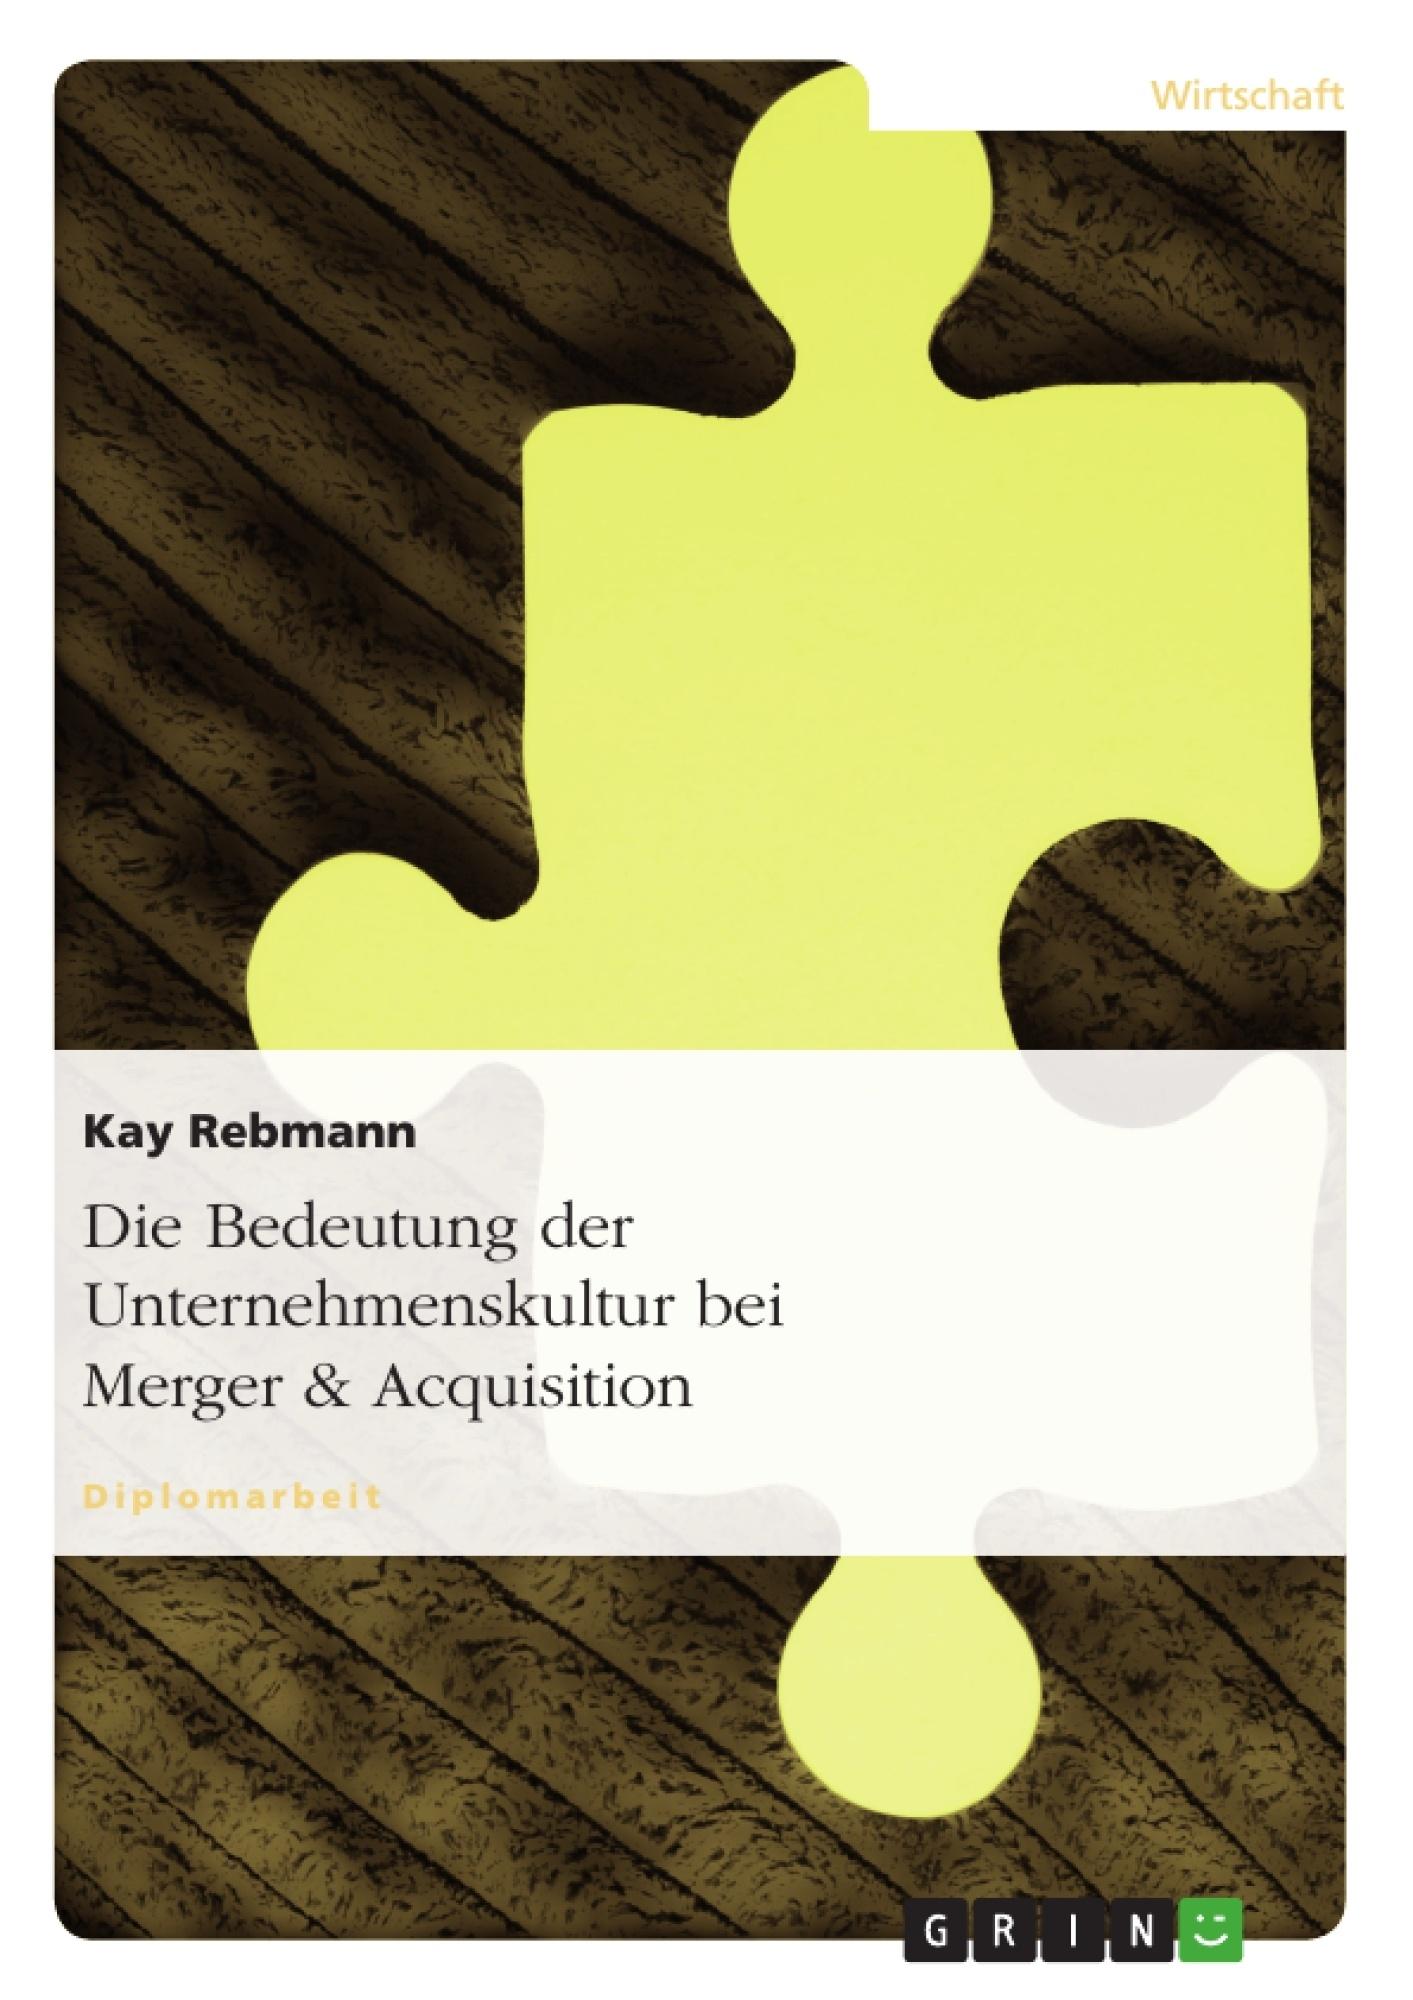 Titel: Die Bedeutung der Unternehmenskultur bei Merger & Acquisition